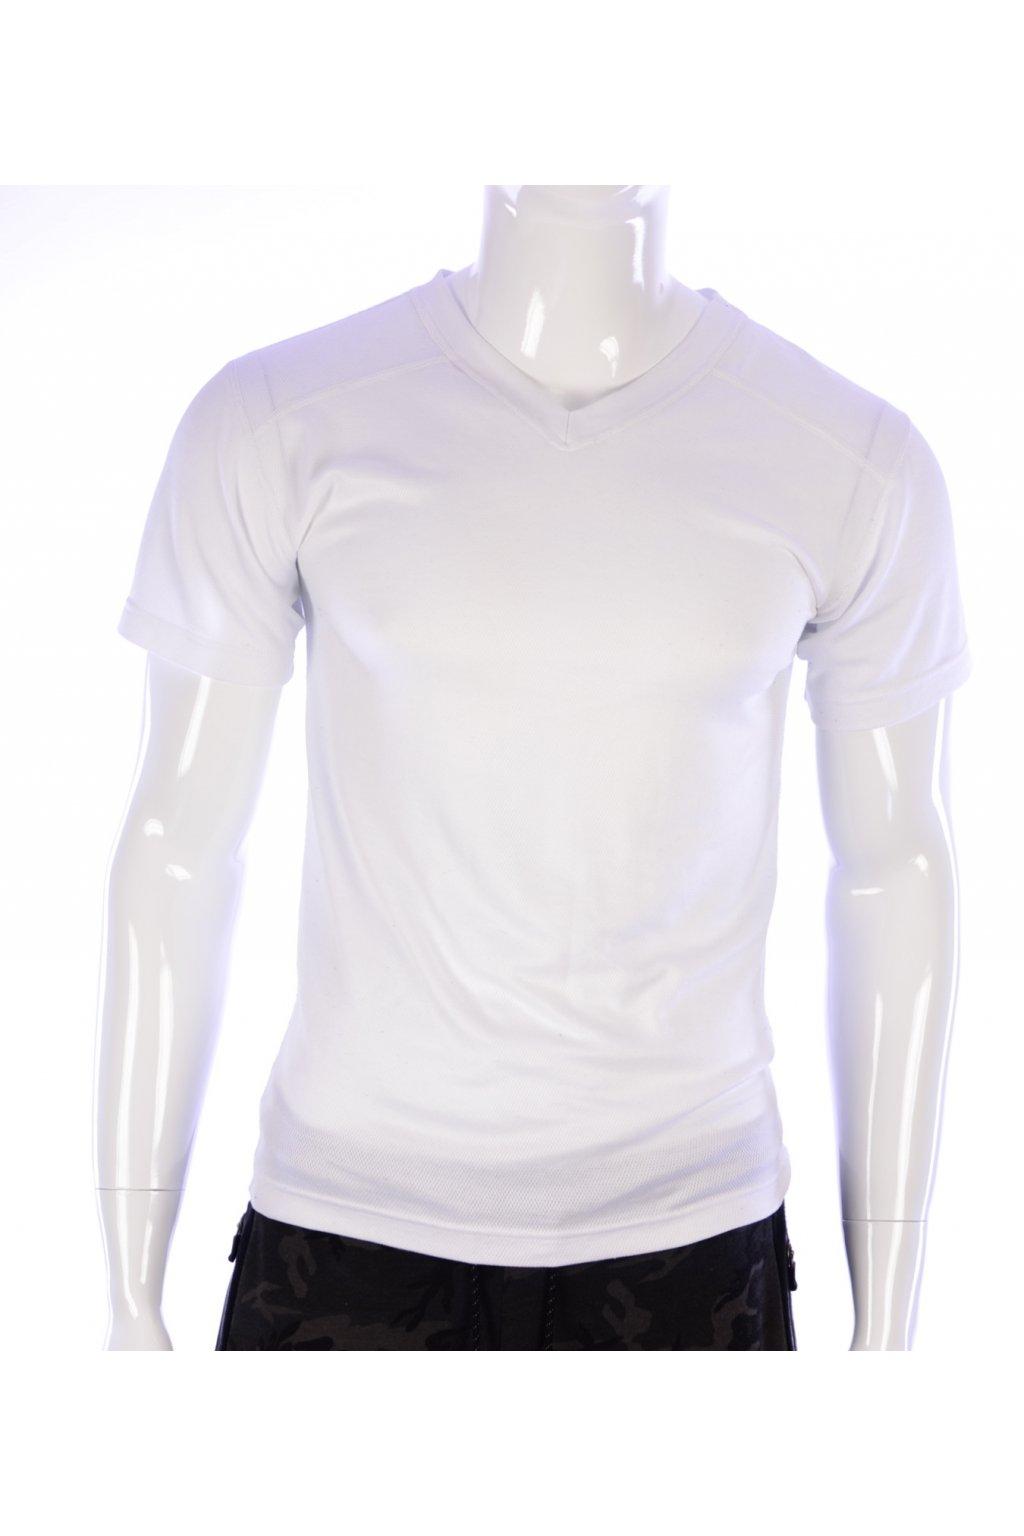 Tričko bílé Thermoaktiv vel. S @